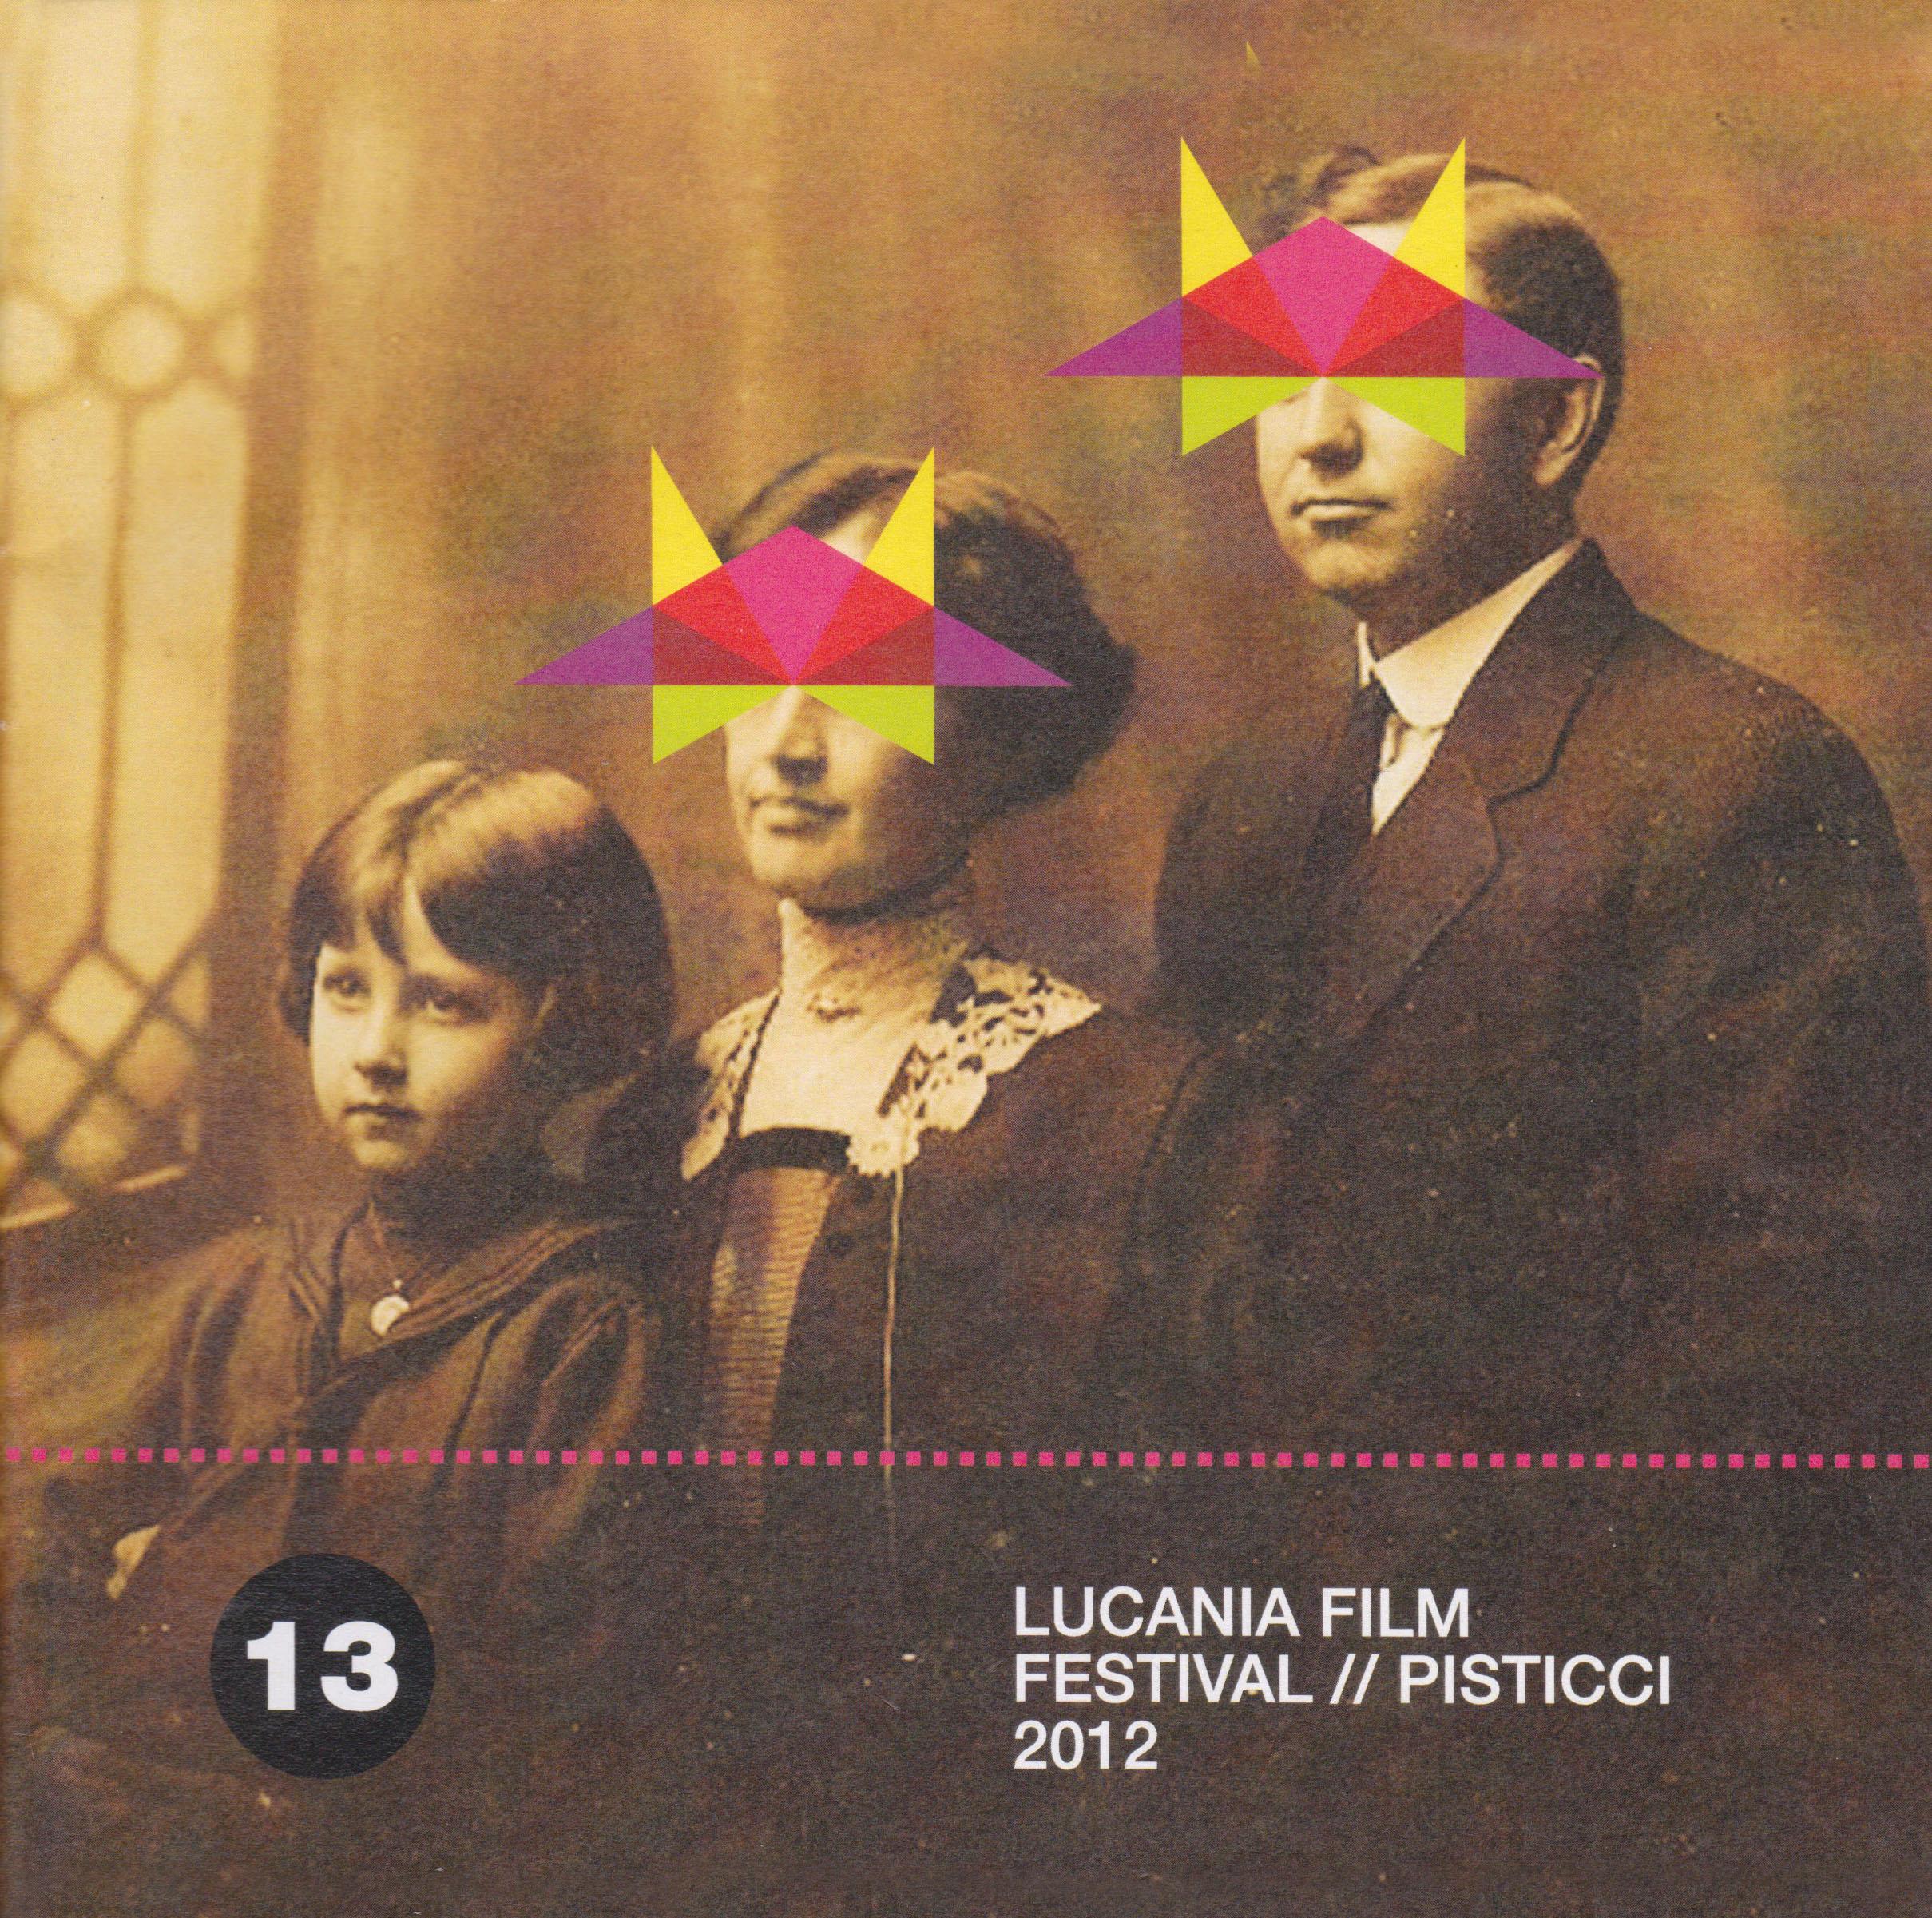 copertina catalogo 2012